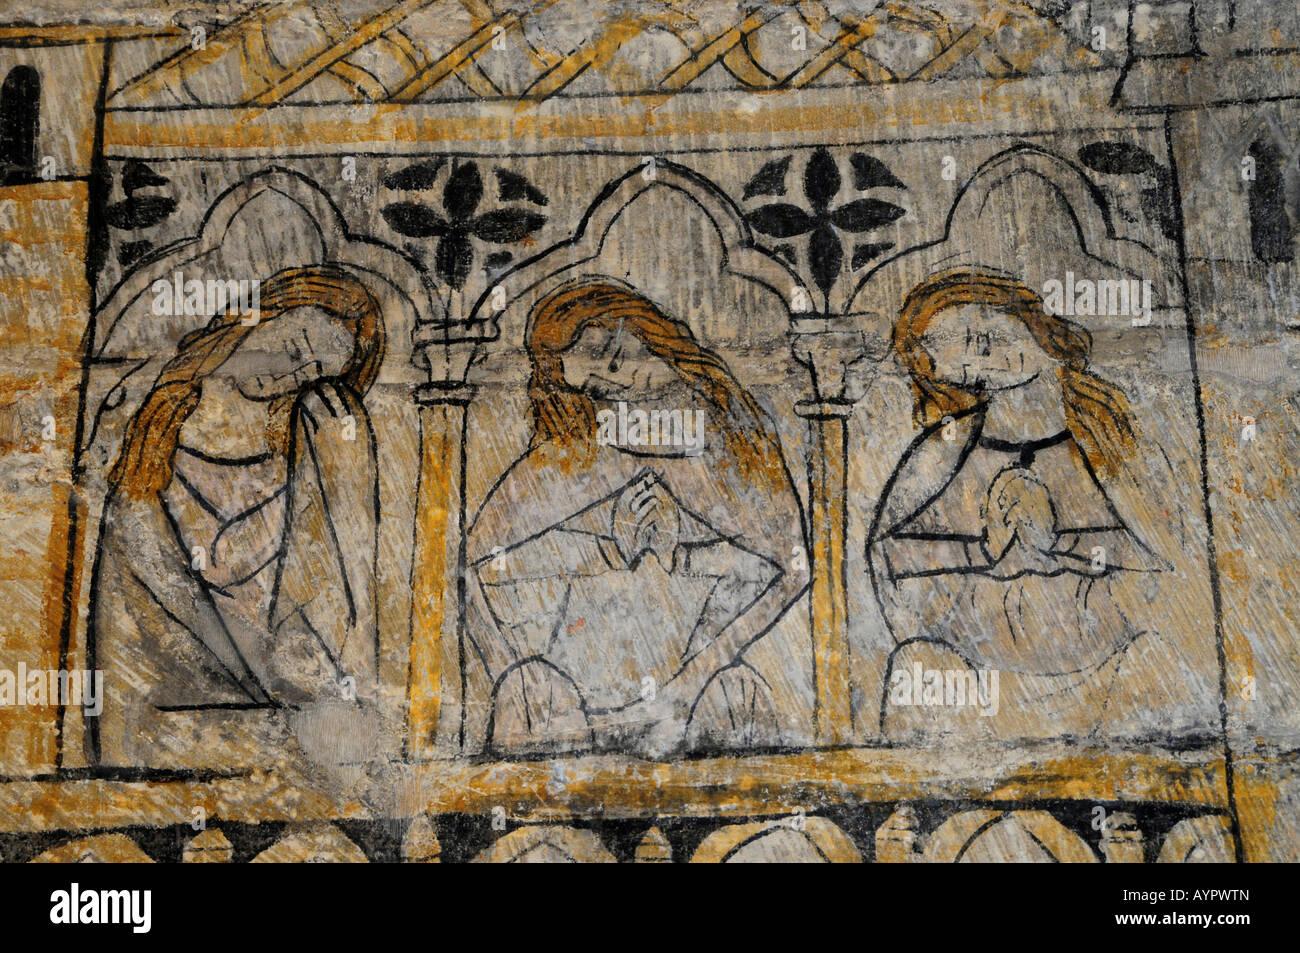 'Castillos de amor, ' gótico del siglo xiv mural en la Torre del Homenaje, el Parador de Alcañiz, Imagen De Stock